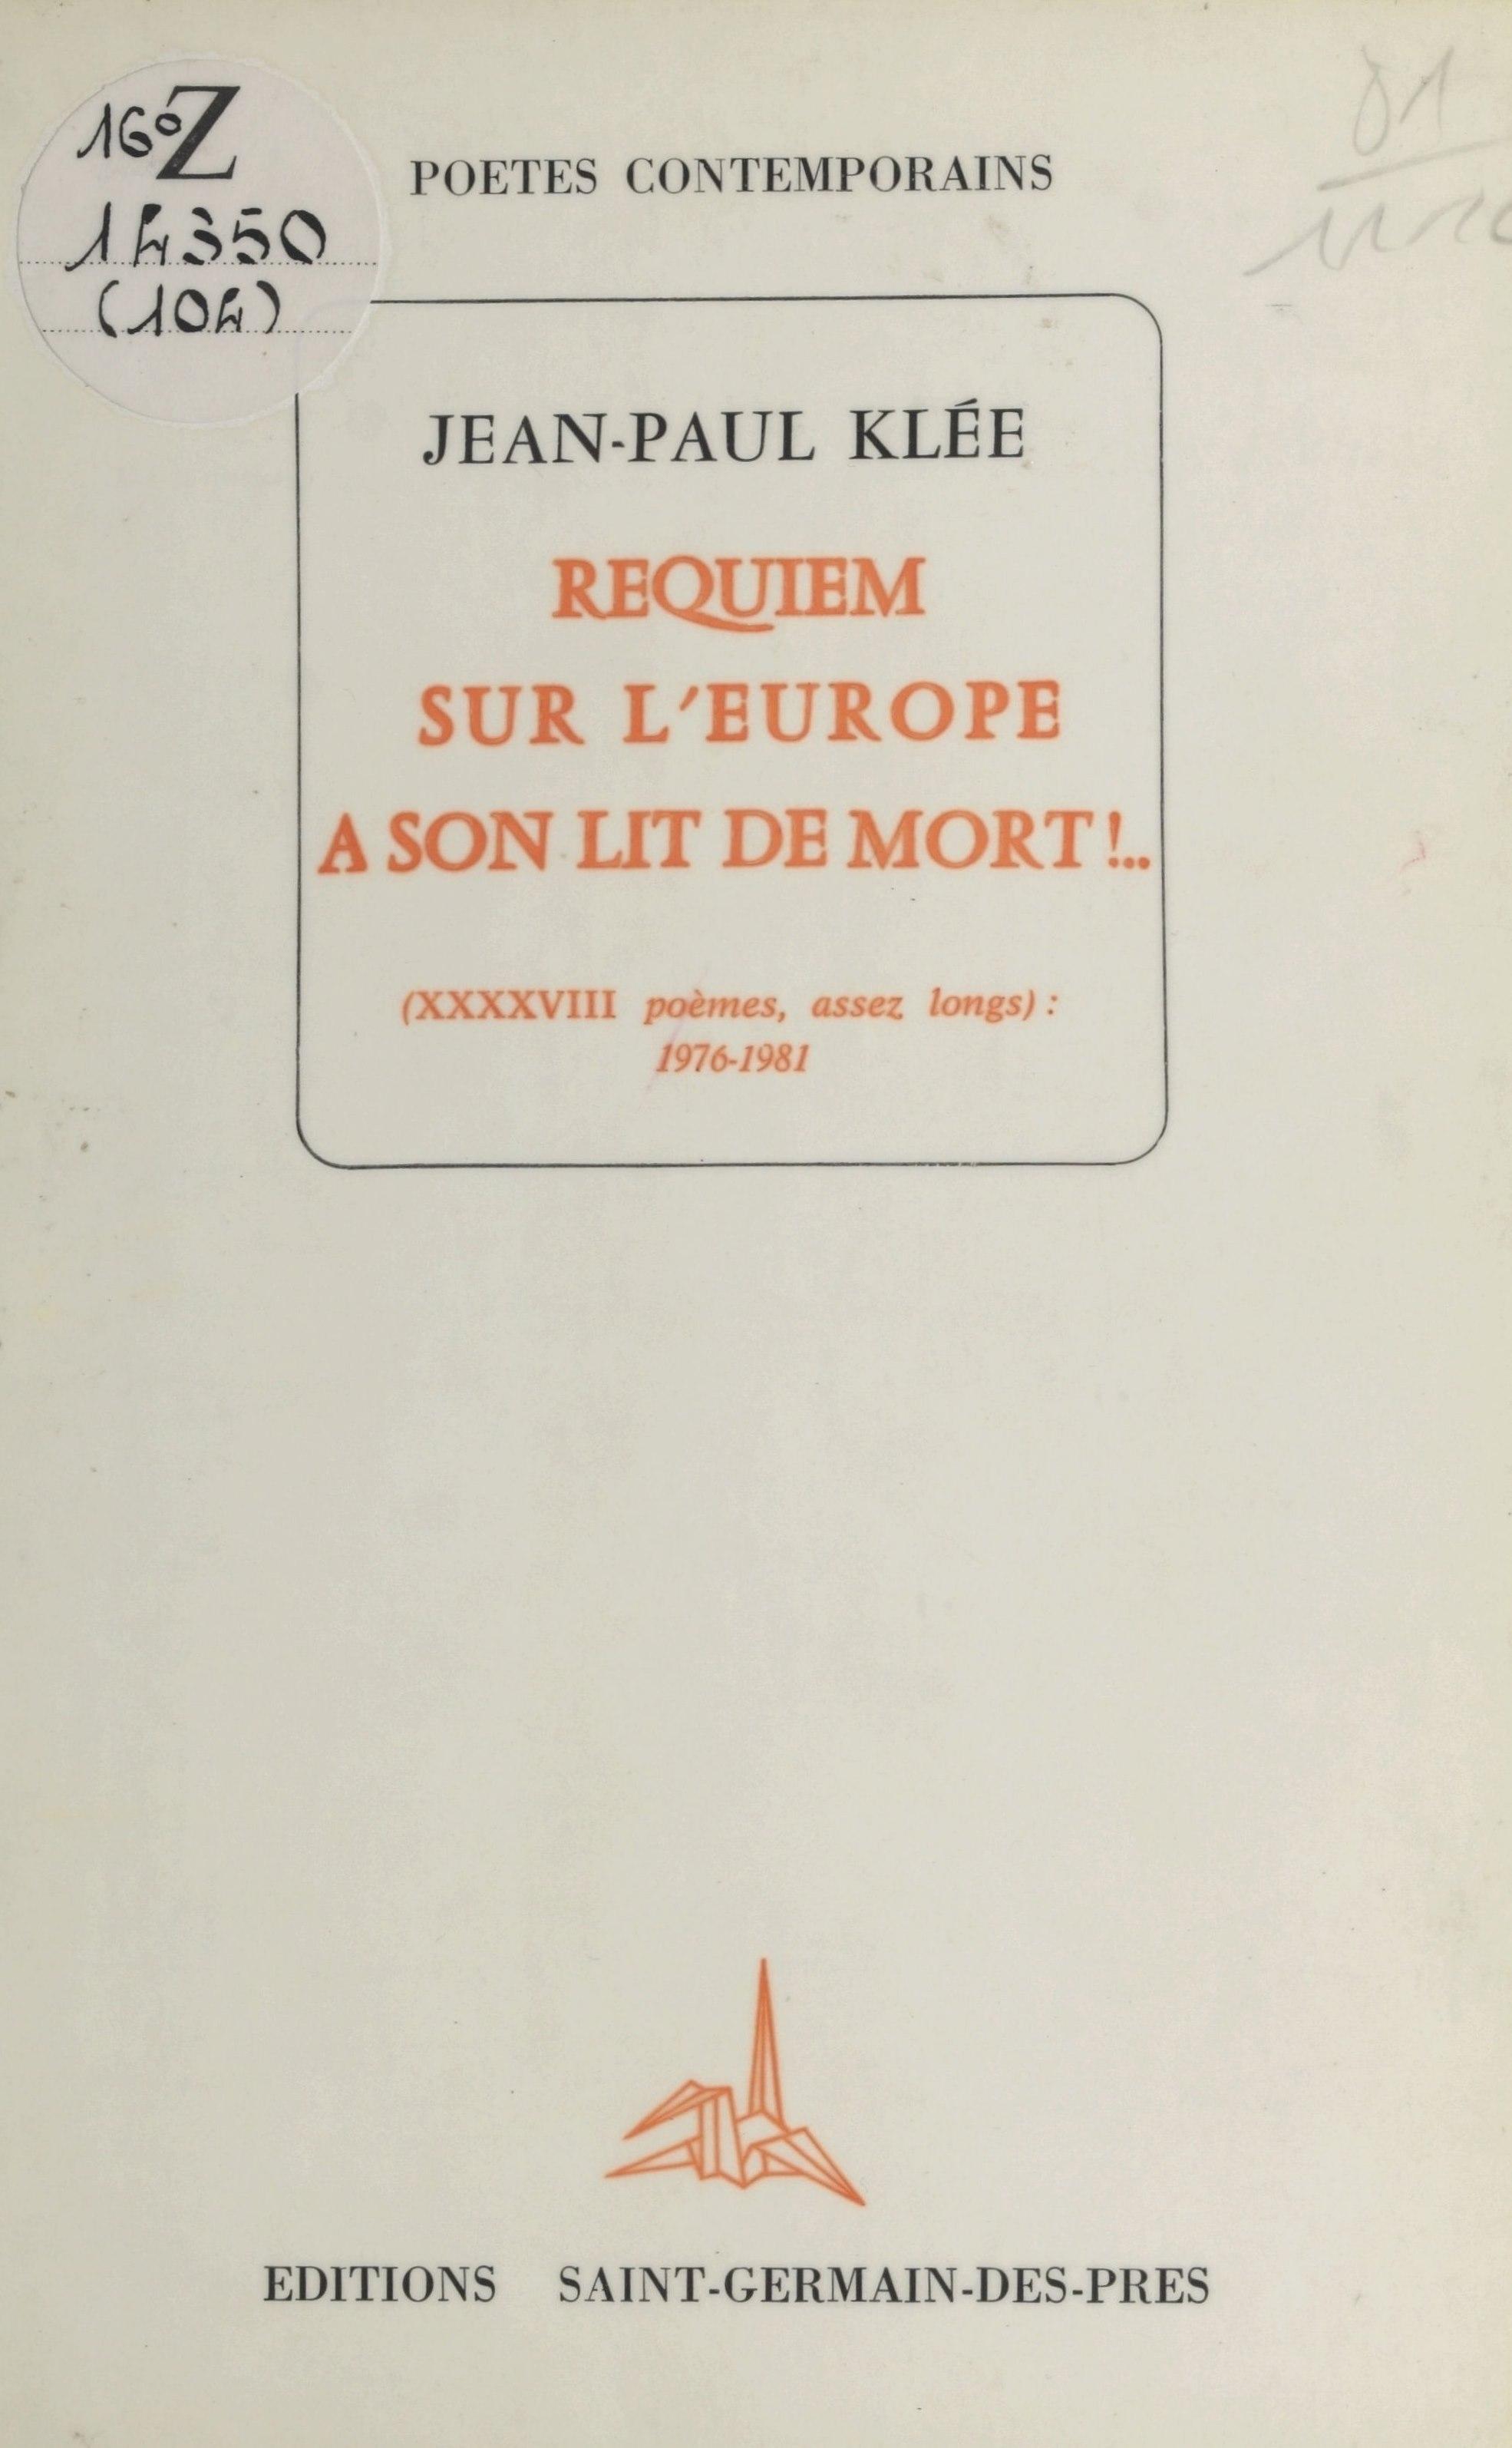 Requiem sur l'Europe à son lit de mort ! (XXXXVIII poèmes, assez longs) : 1976-1981